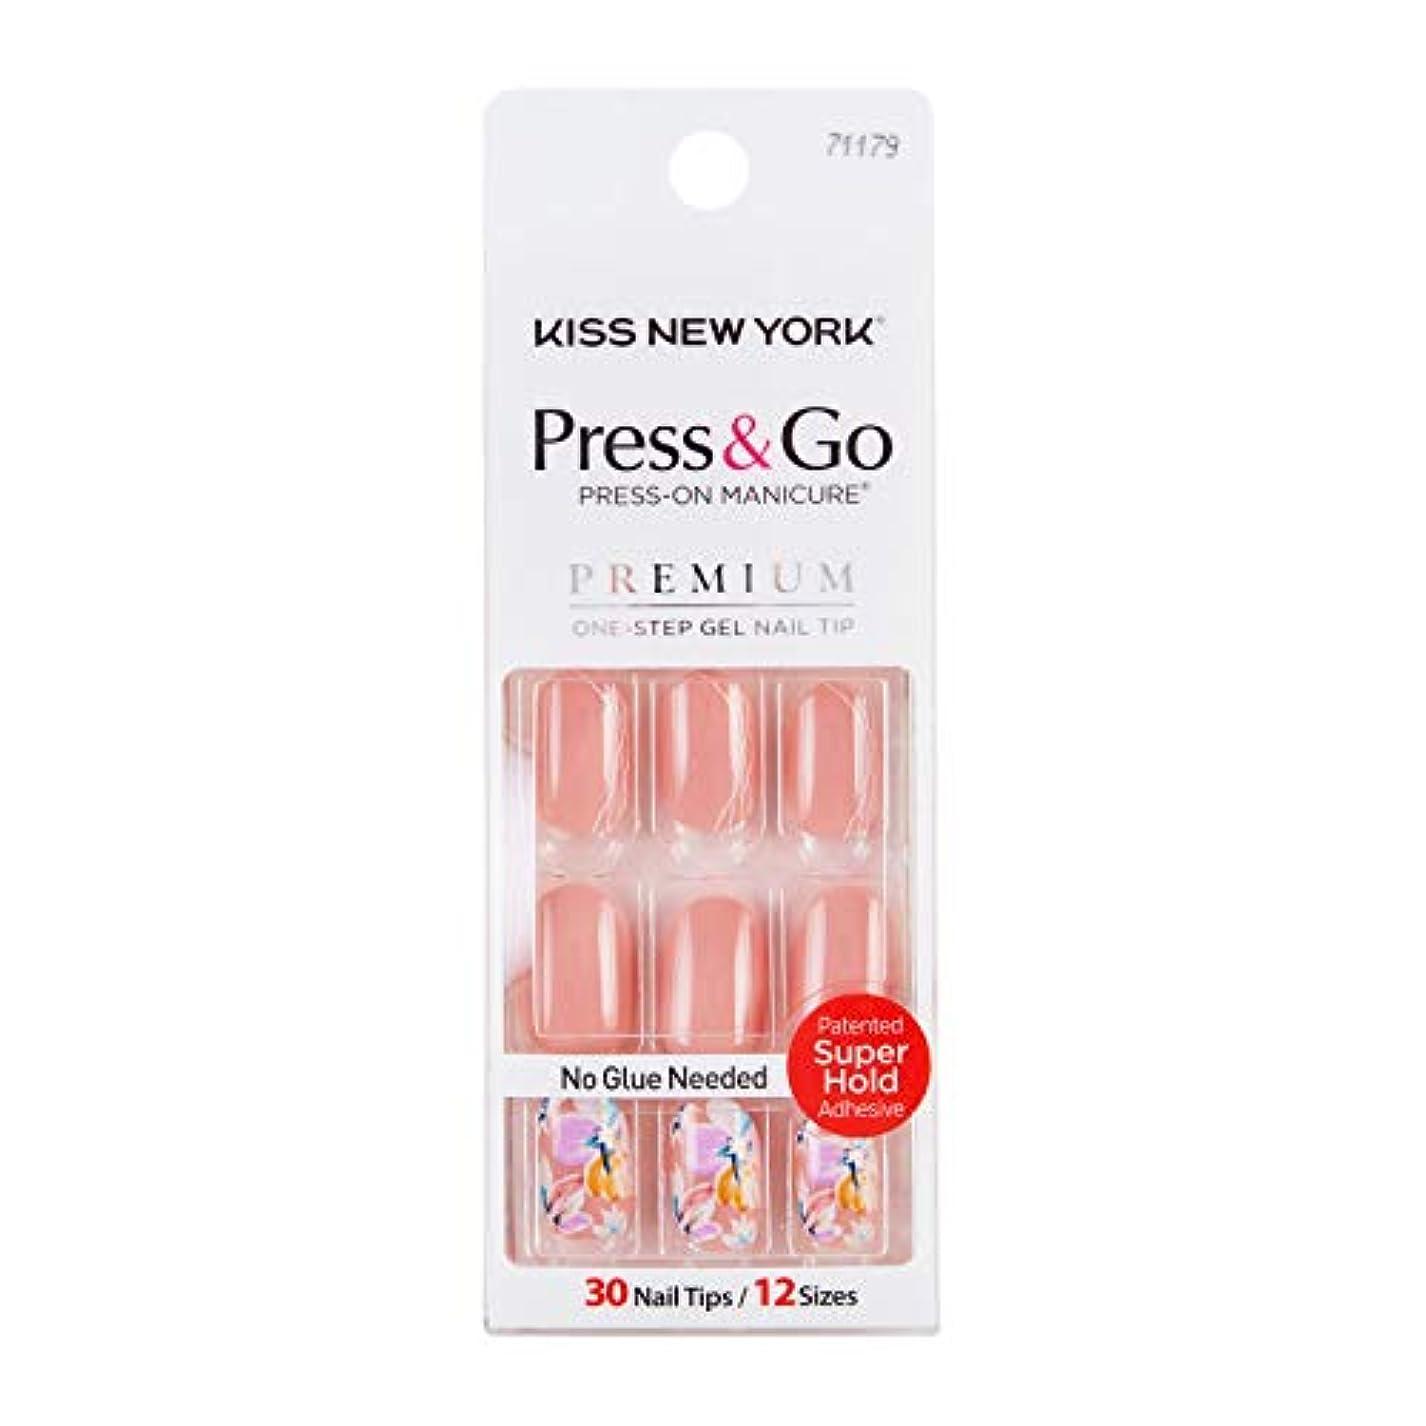 性能教育者ピルキスニューヨーク (KISS NEW YORK) KISS NEWYORK ネイルチップPress&Go BHJ27J 19g